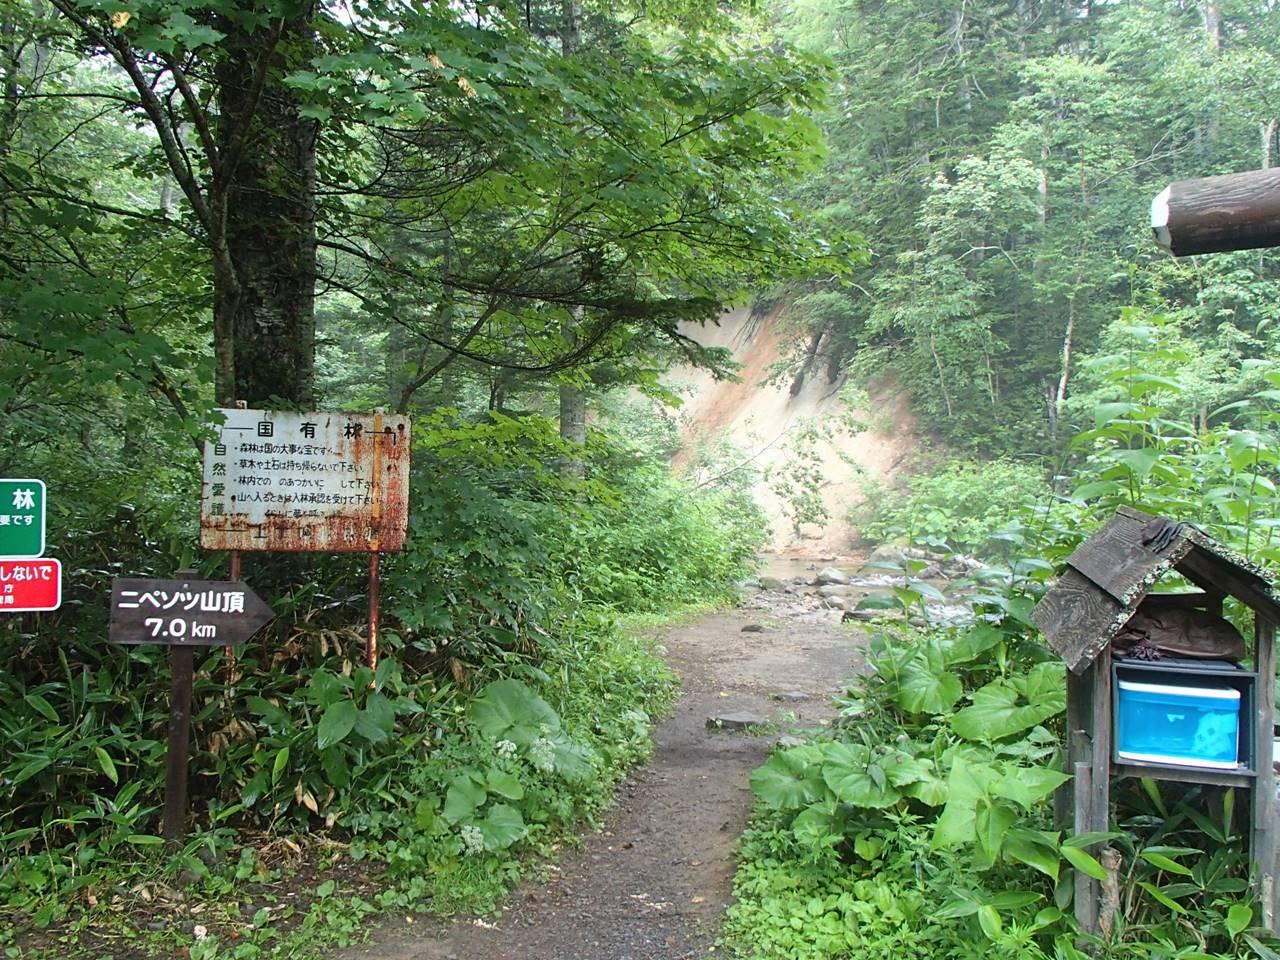 ニペソツ山 十六の沢コース登山口